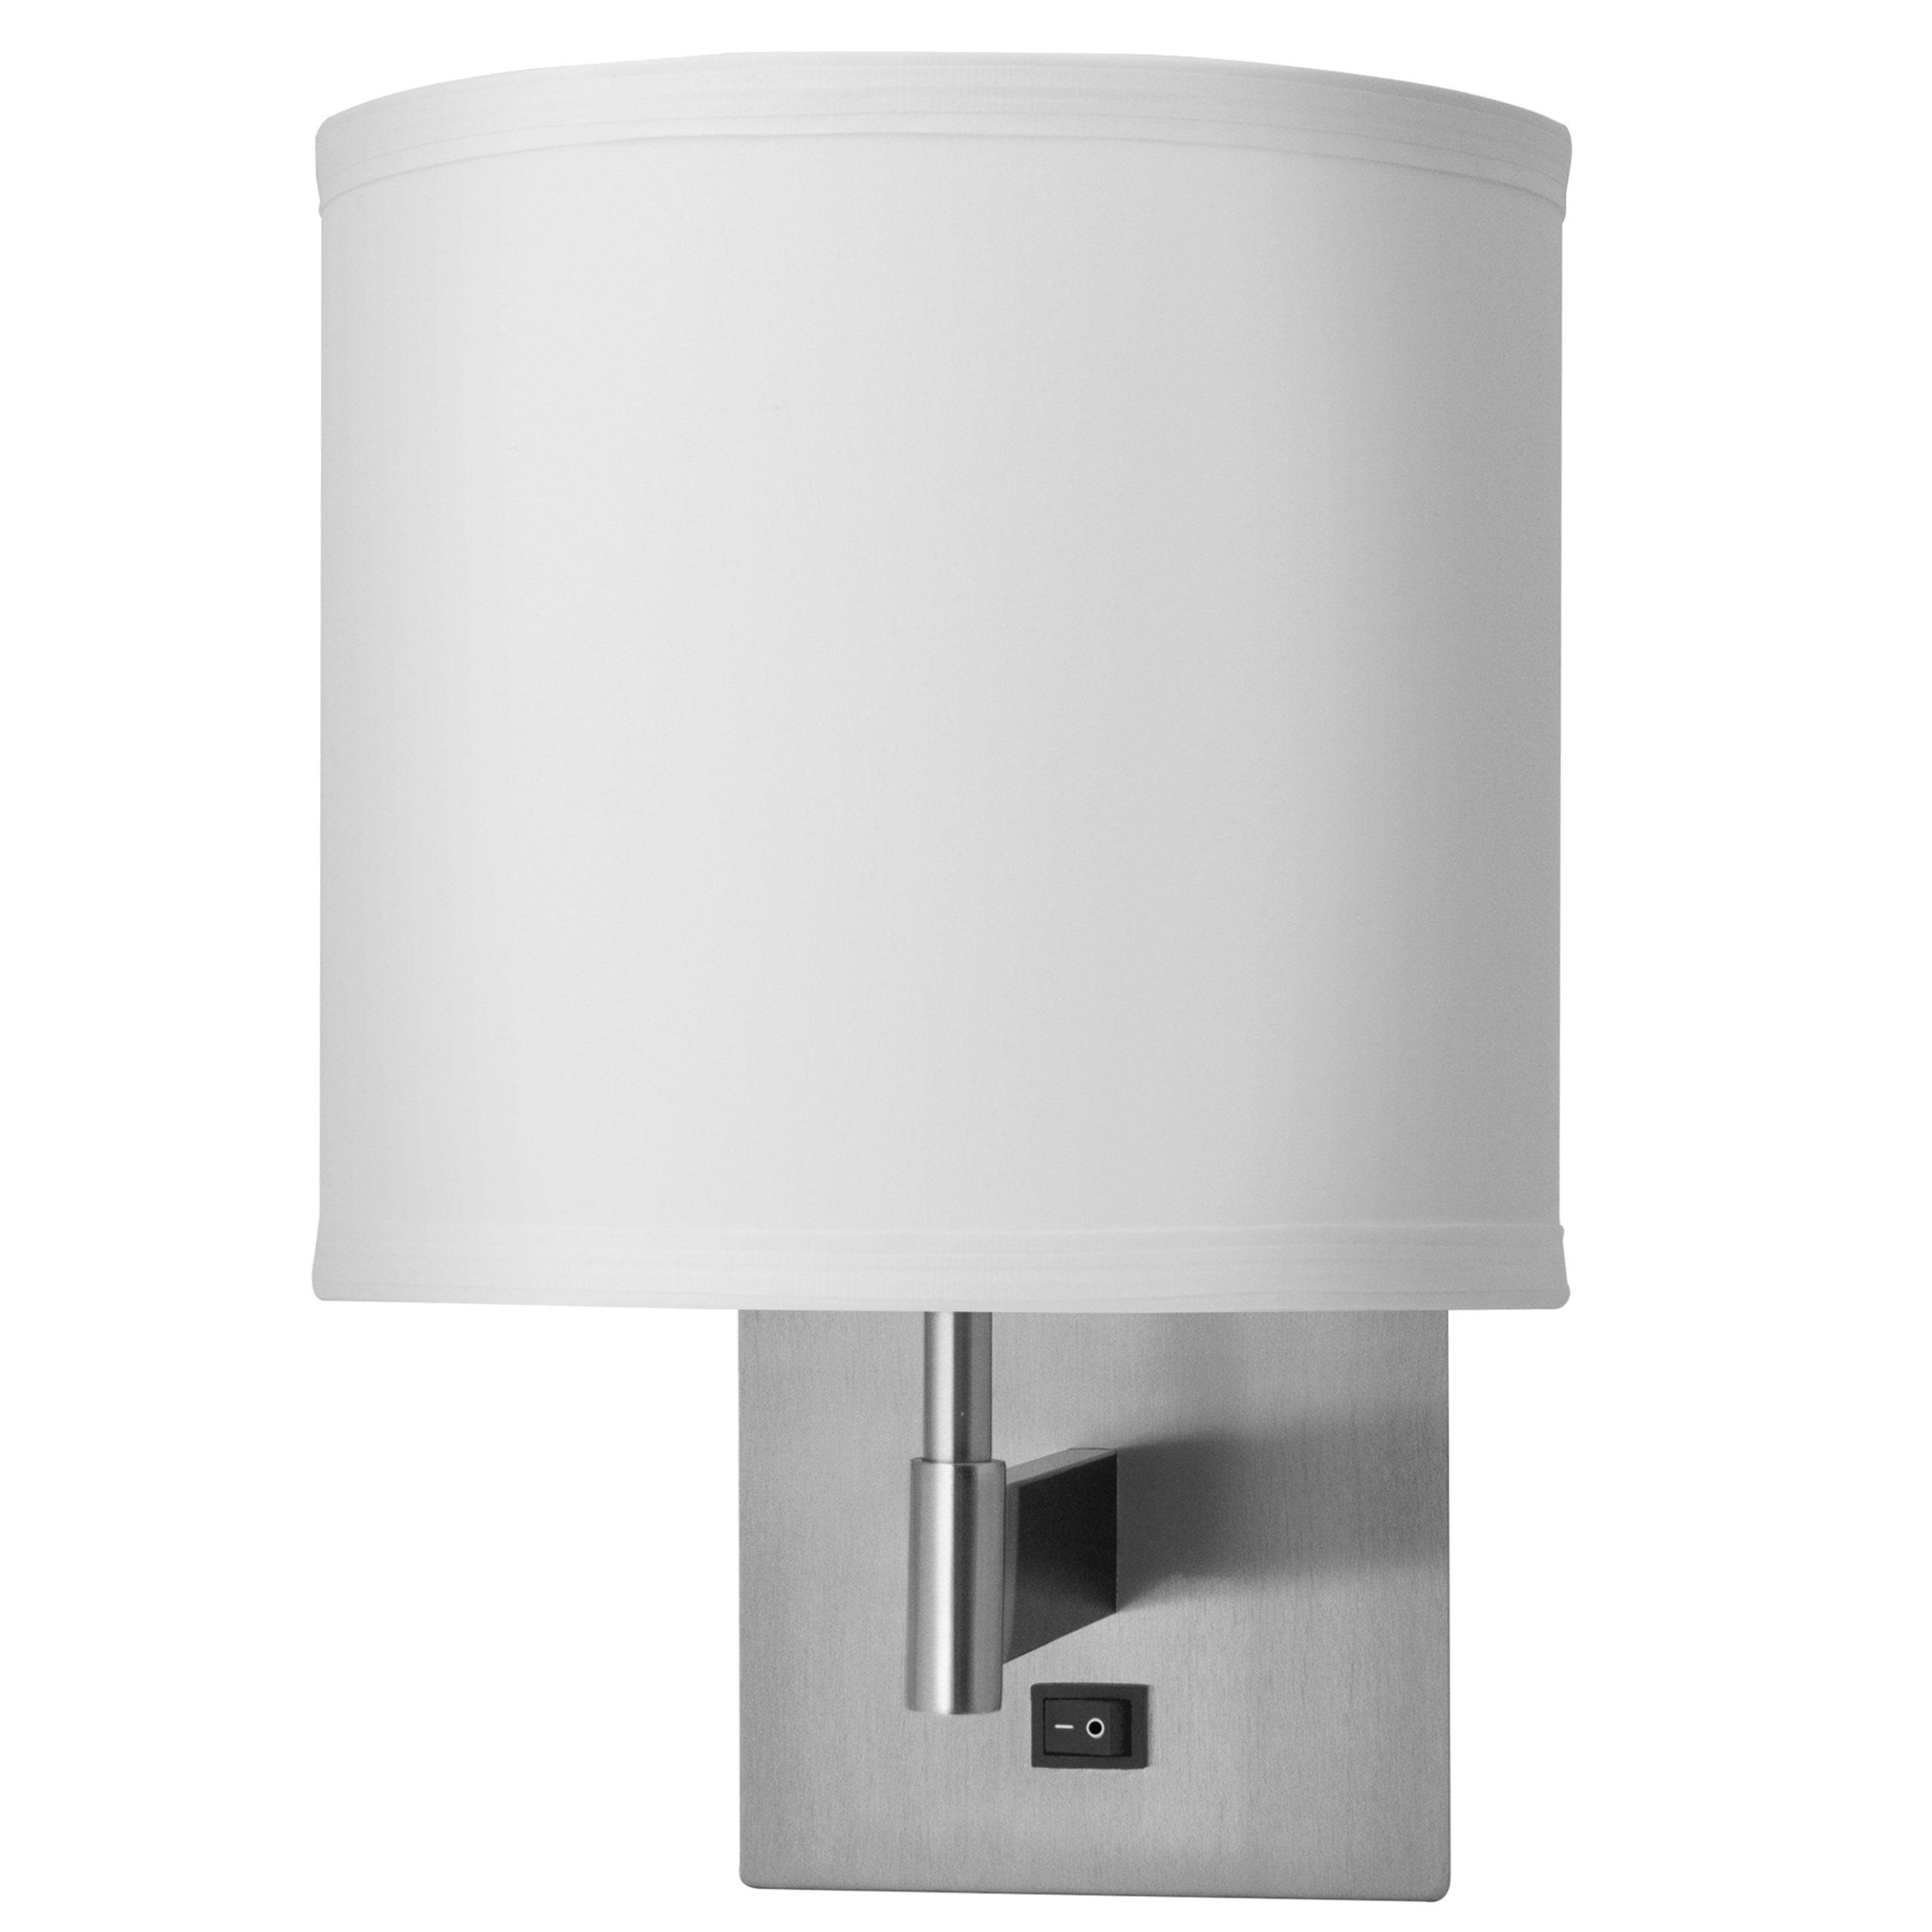 Pondera Wall Lamp